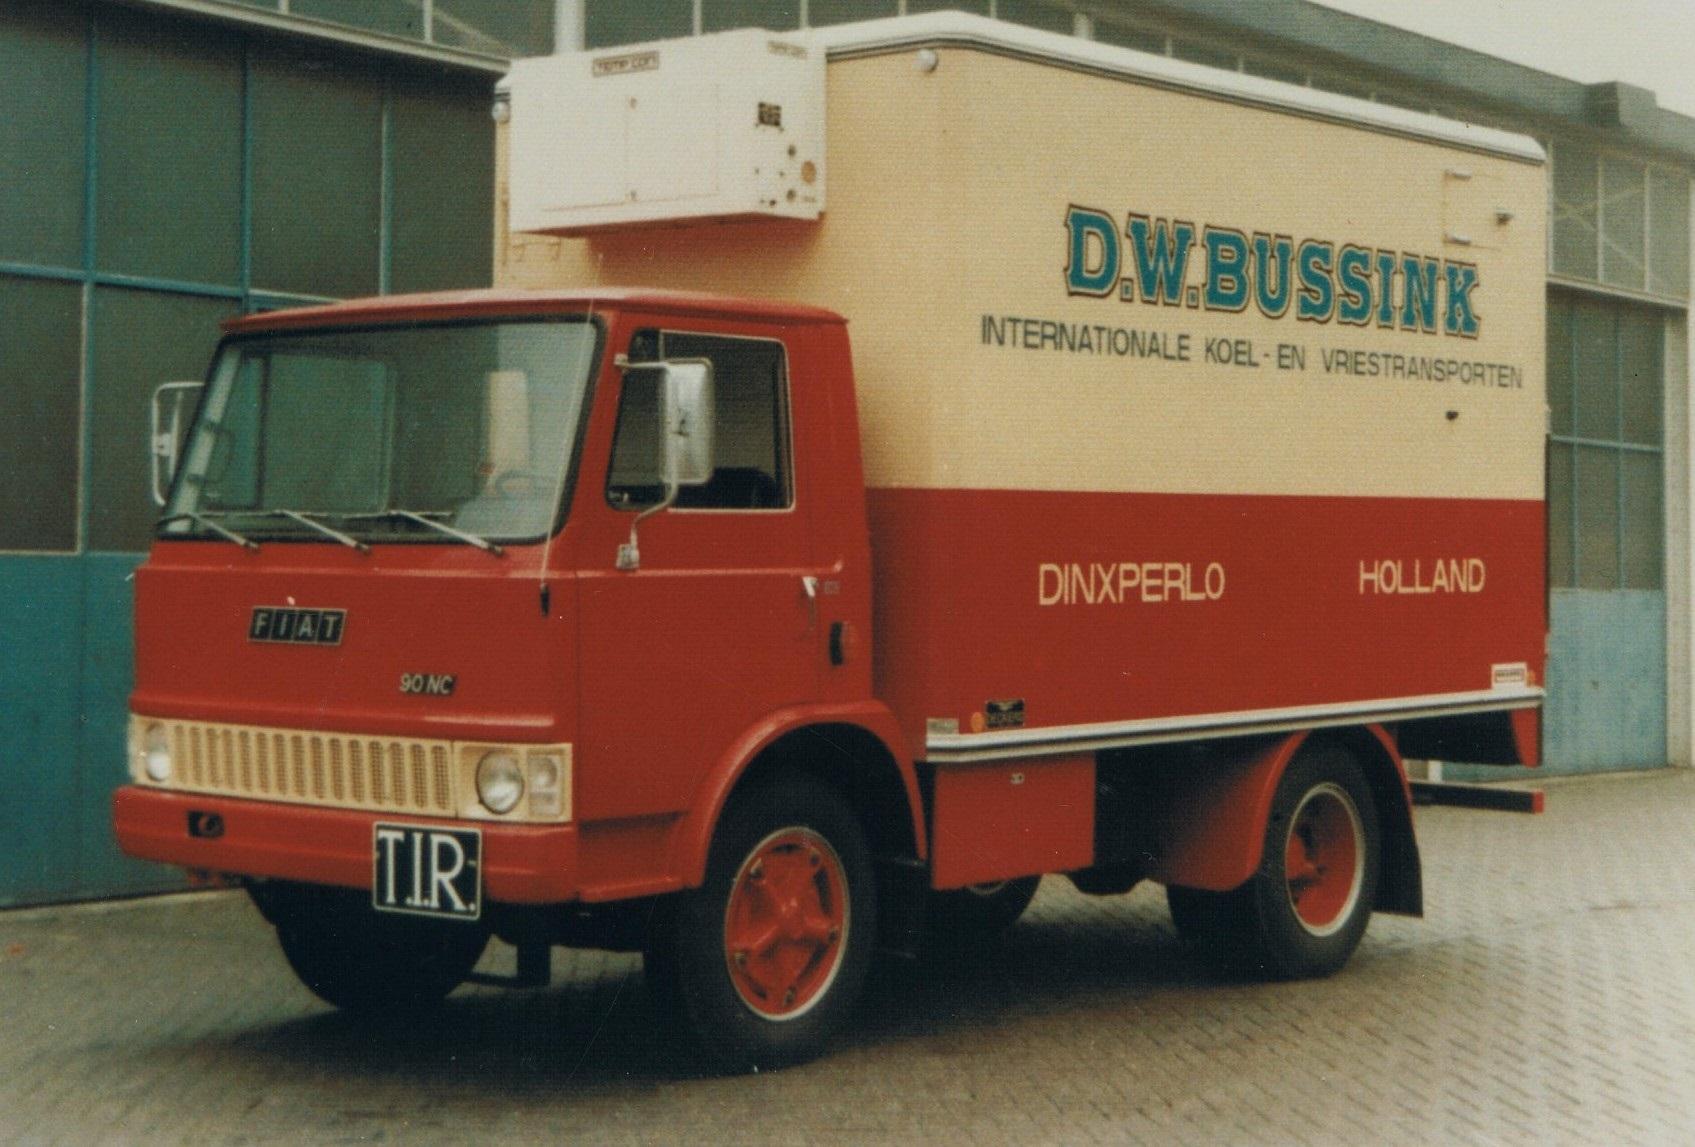 FIAT-90-NC--een-door-Deckers-Leiden-gebouwde-koelwagen-2